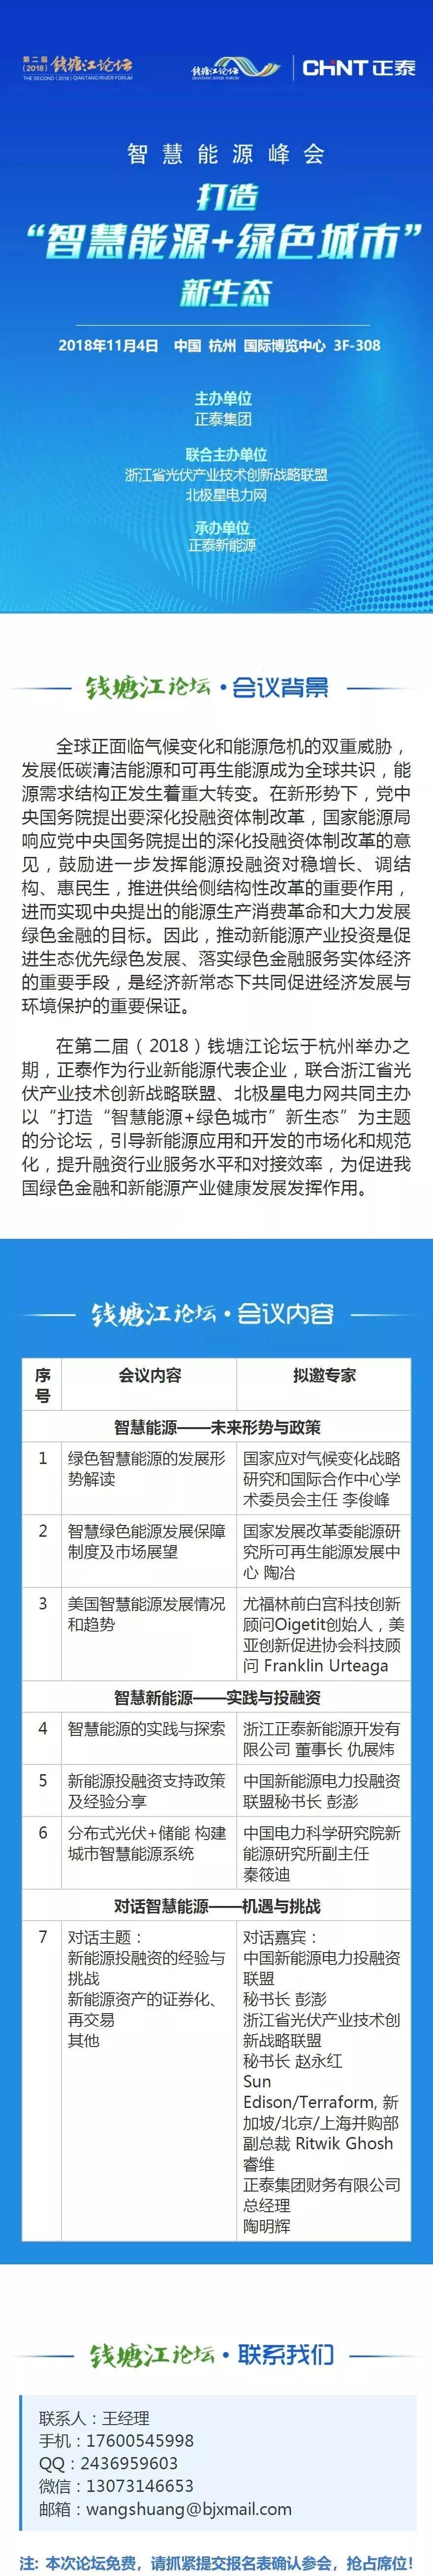 福利|第二届钱塘江论坛 智慧能源峰会 免费送票!